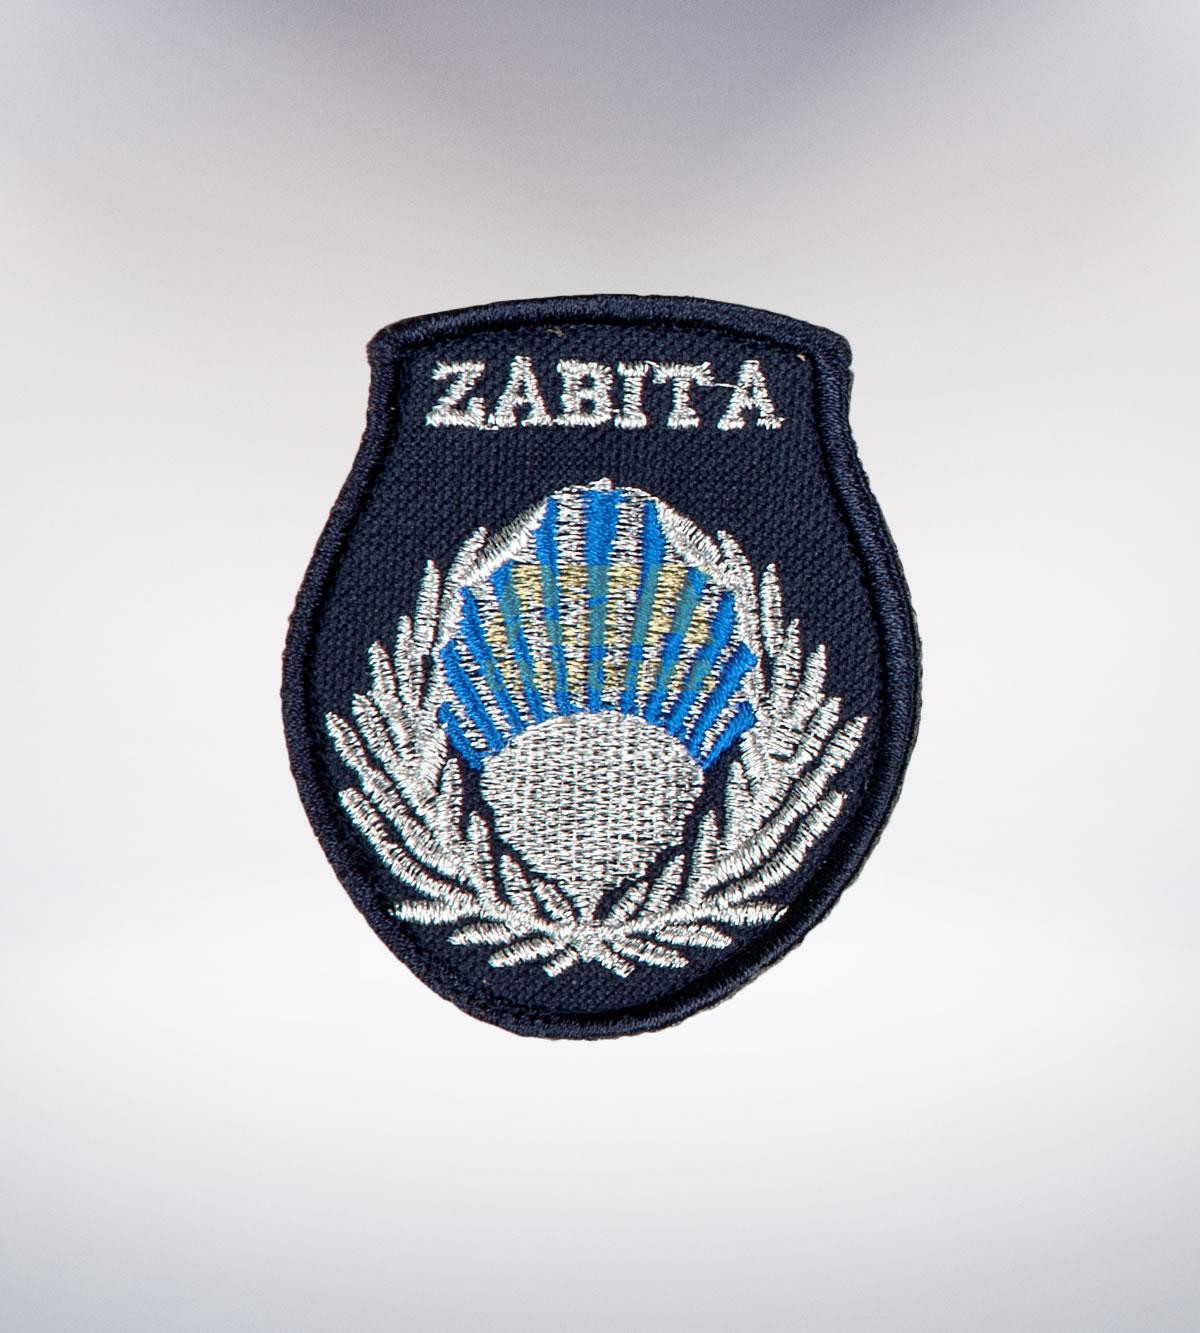 ATA 211 - ön - Ribstop kumaş pantolon - reflektör yelek - t shirt - aksesuar- zabıta elbiseleri | zabıta üniformaları | zabıta kıyafetleri